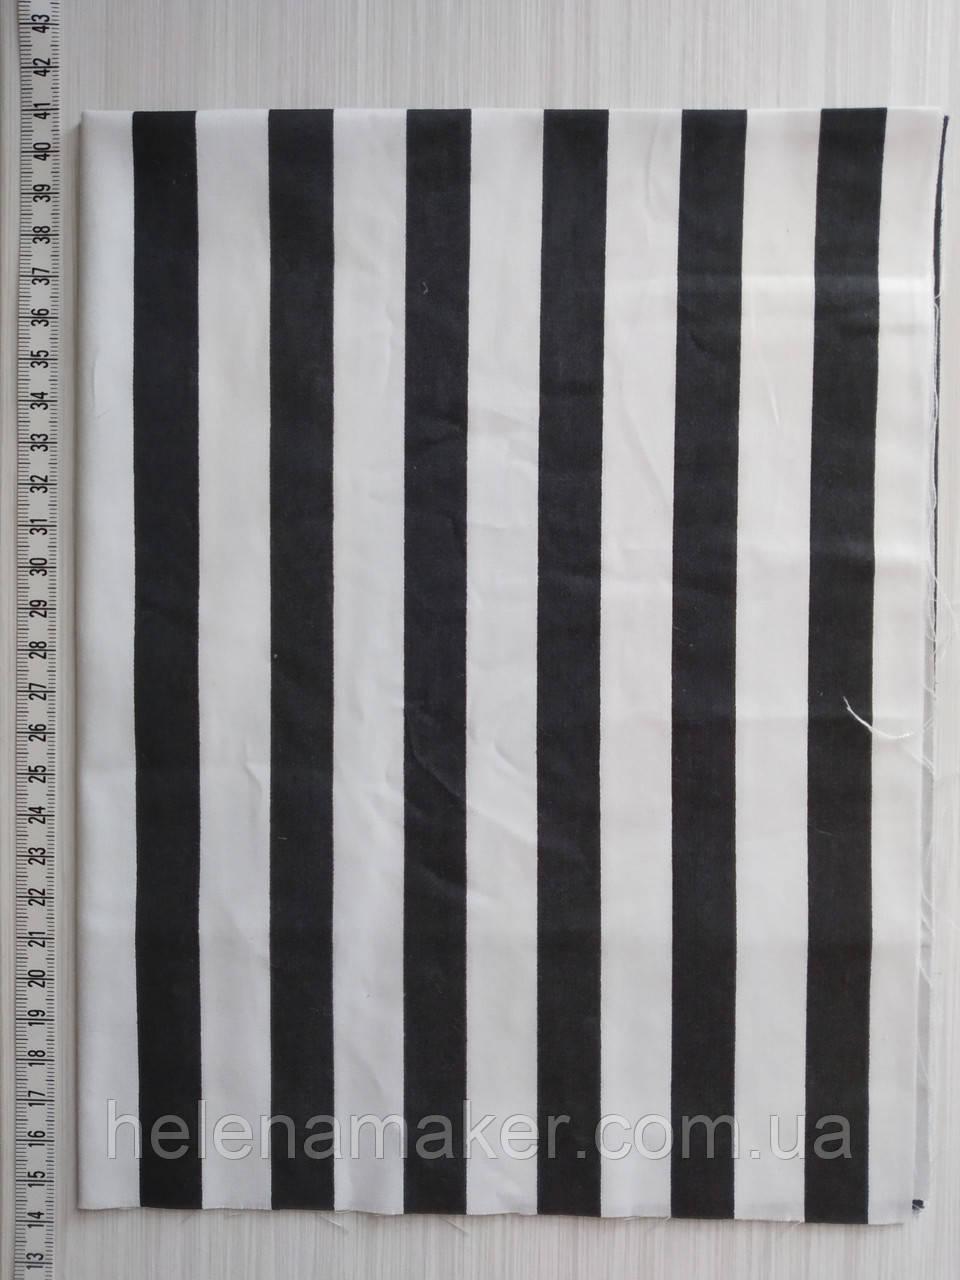 Отрез для рукоделия Черные и белые полоски 15  мм - 40*50 см